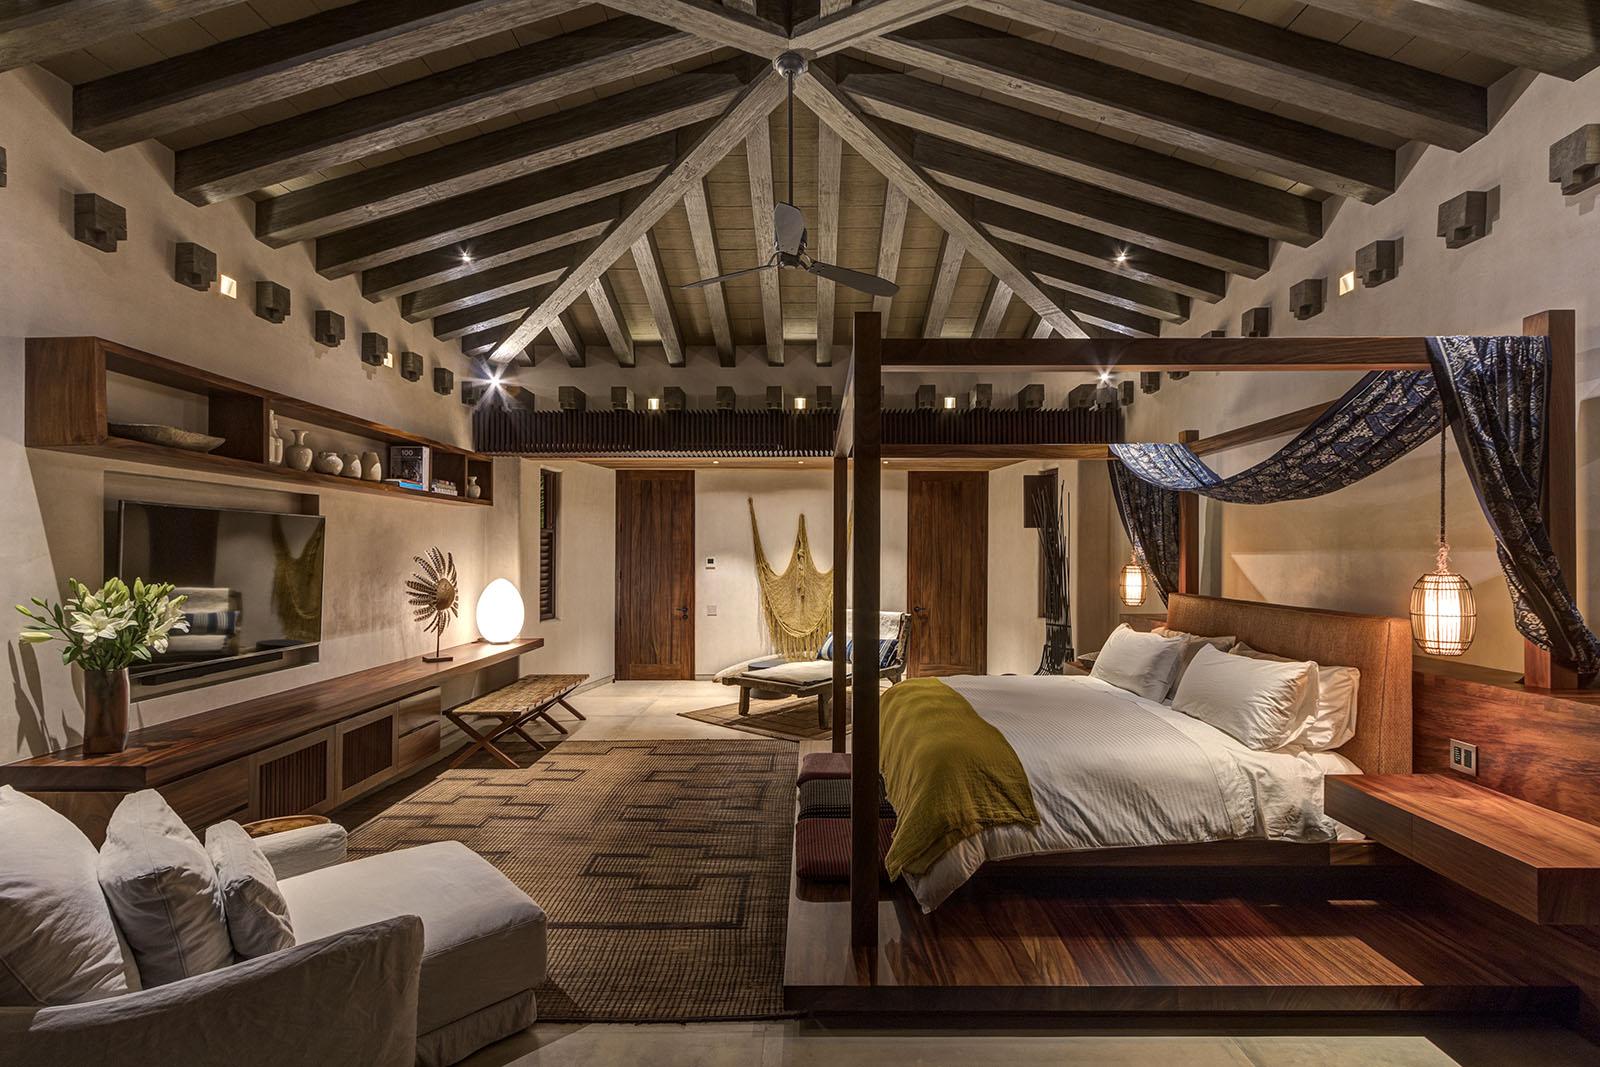 Sol master suite